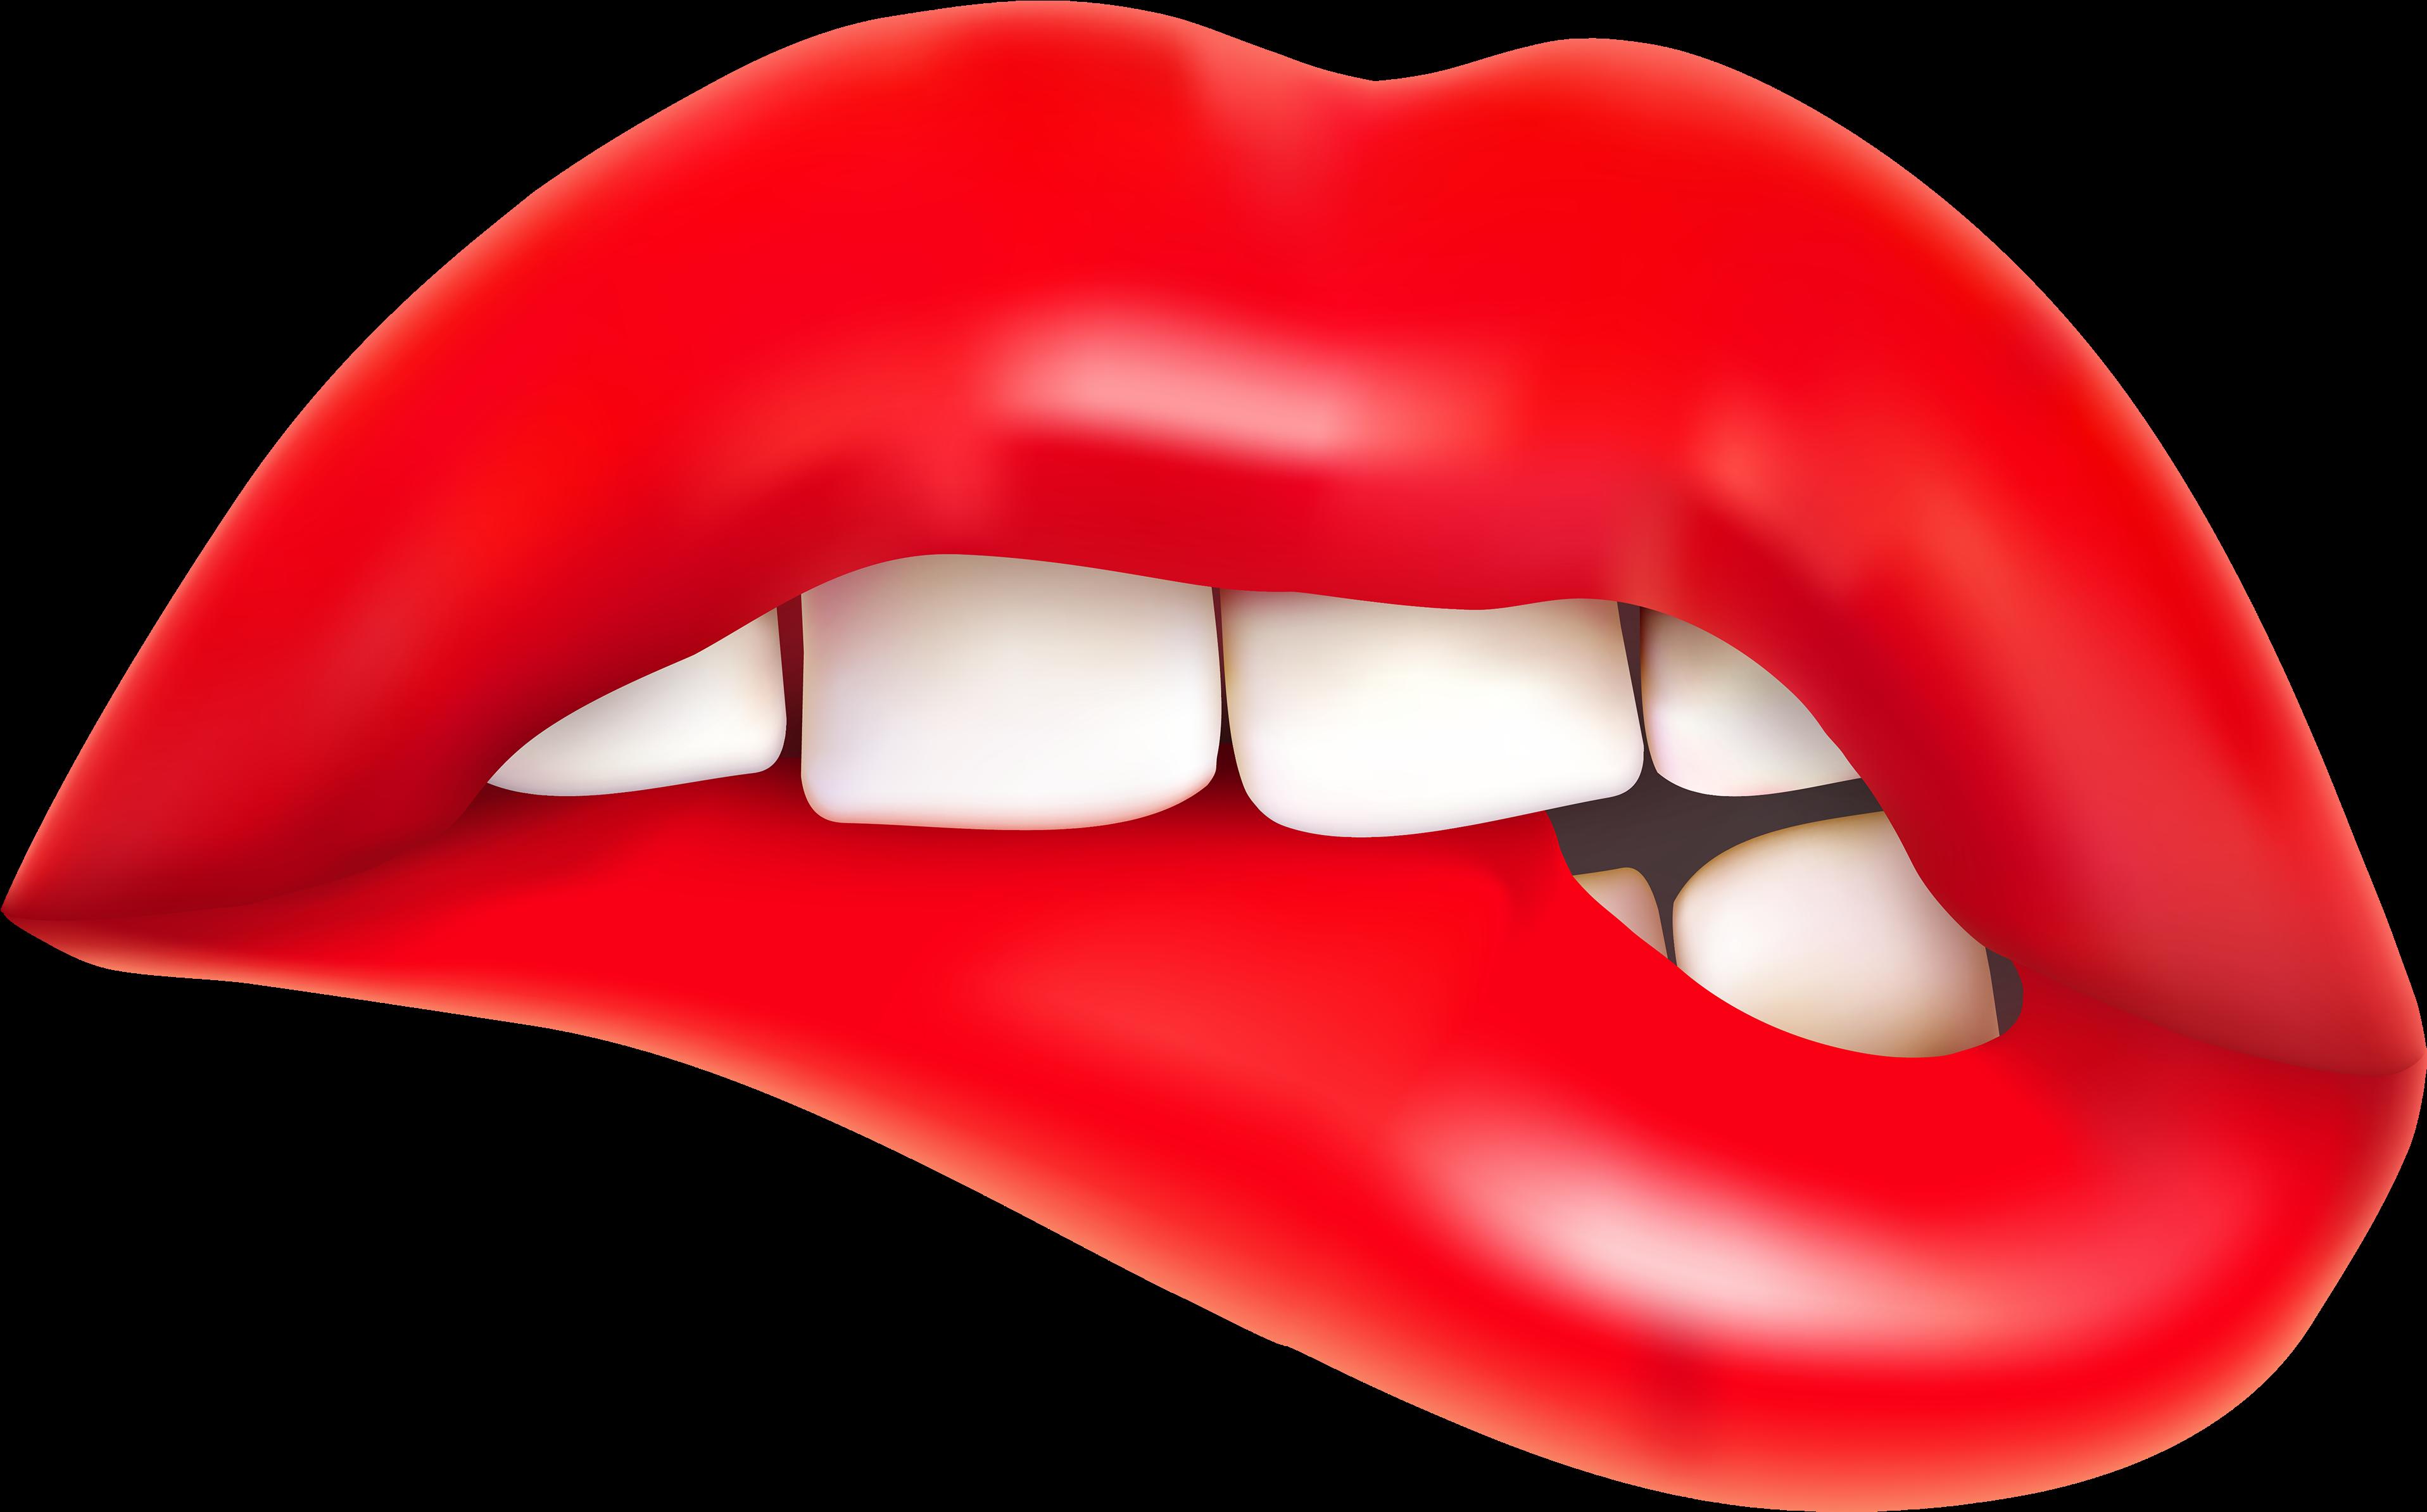 прозрачные картинки губ про вязания